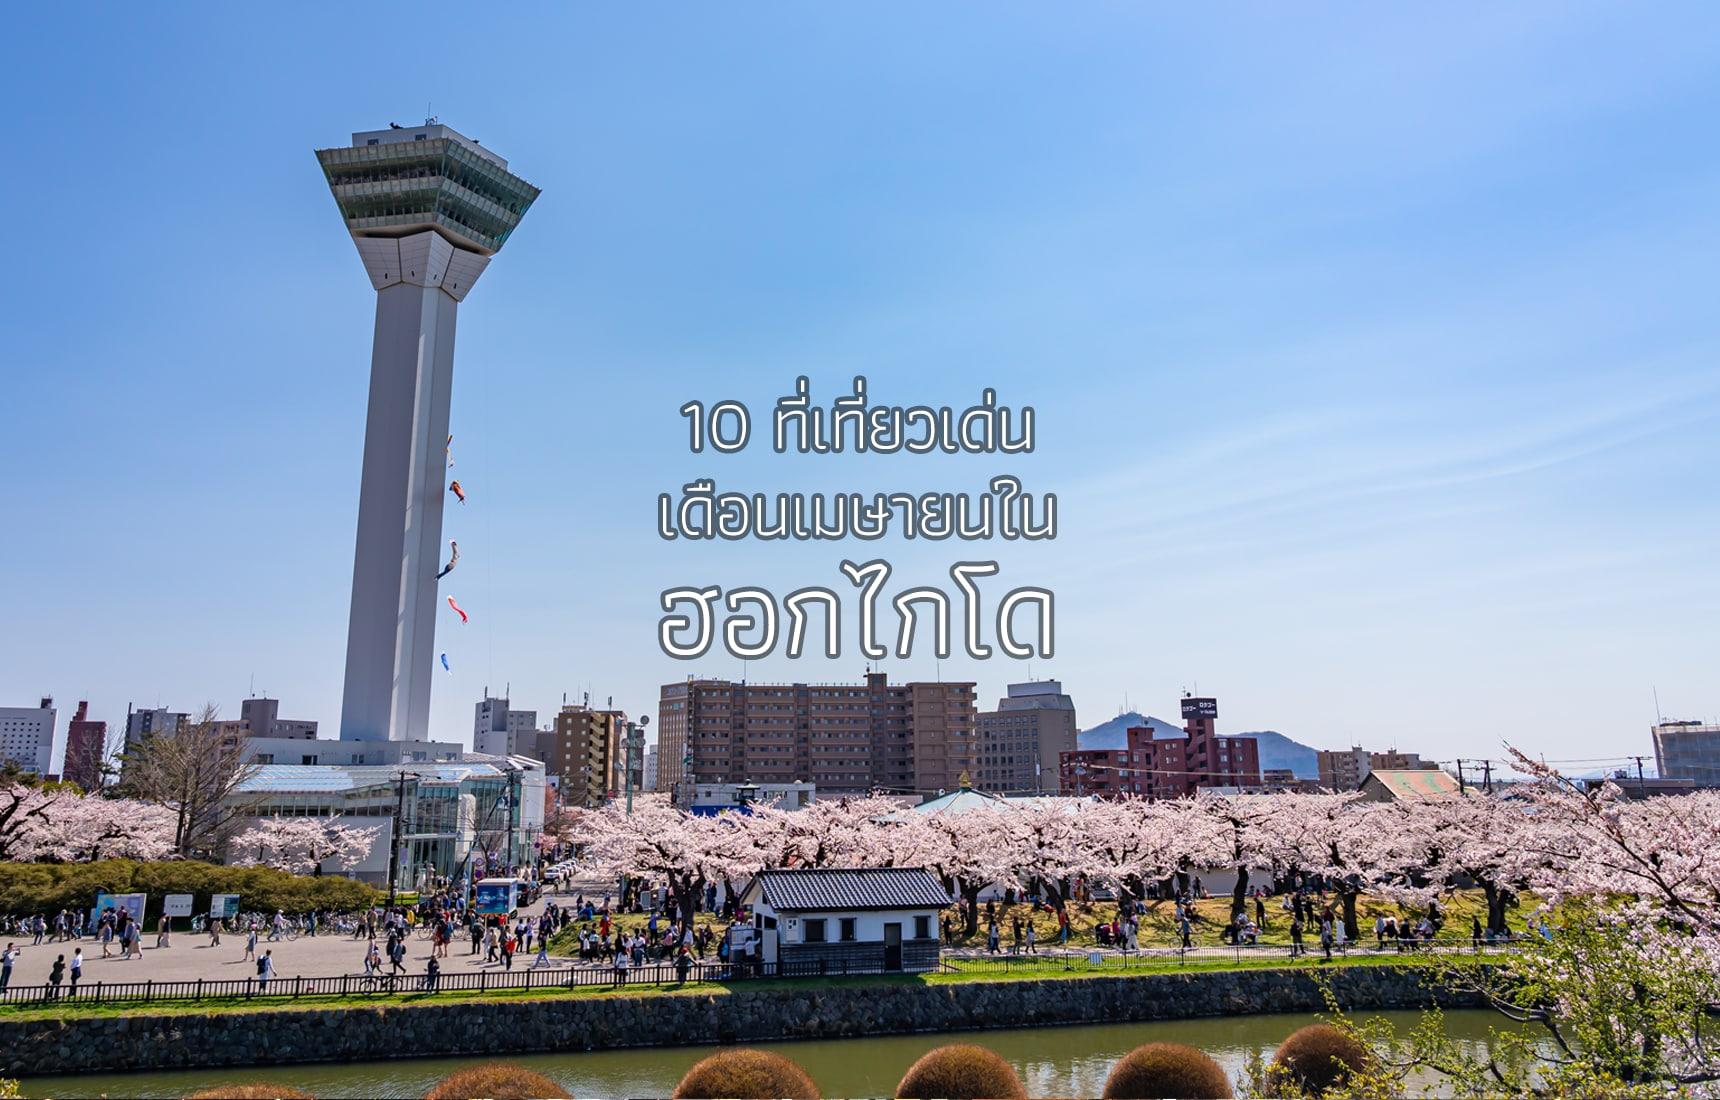 10 ที่เที่ยวเด่นเดือนเมษายนในฮอกไกโด